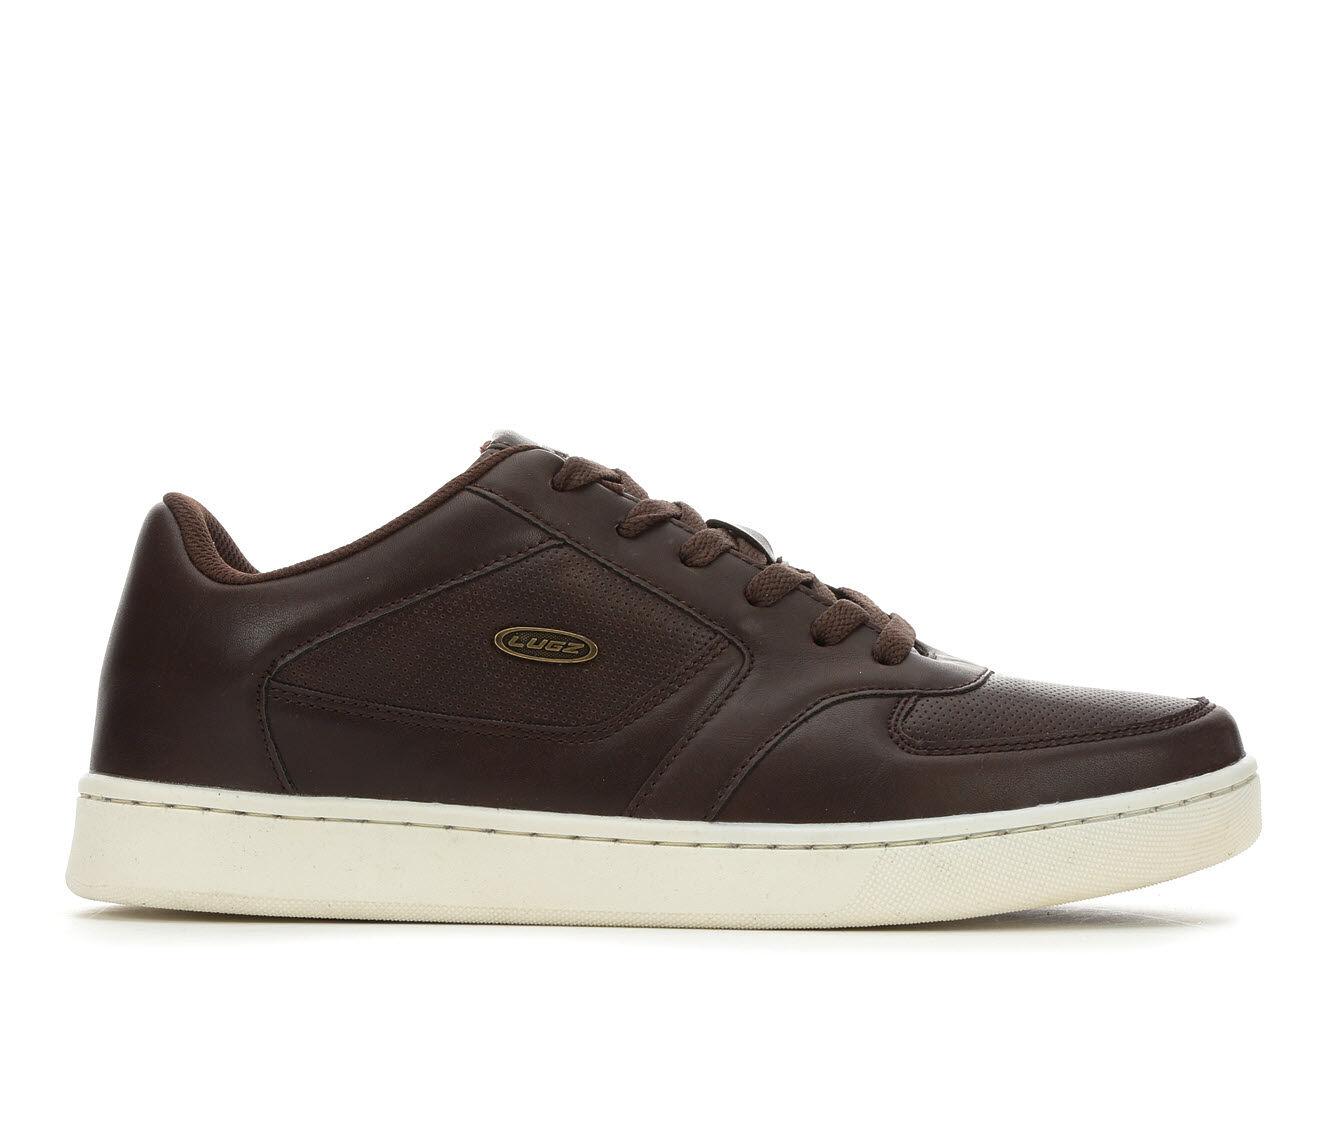 Men's Lugz Spry Sneakers Dk Brown